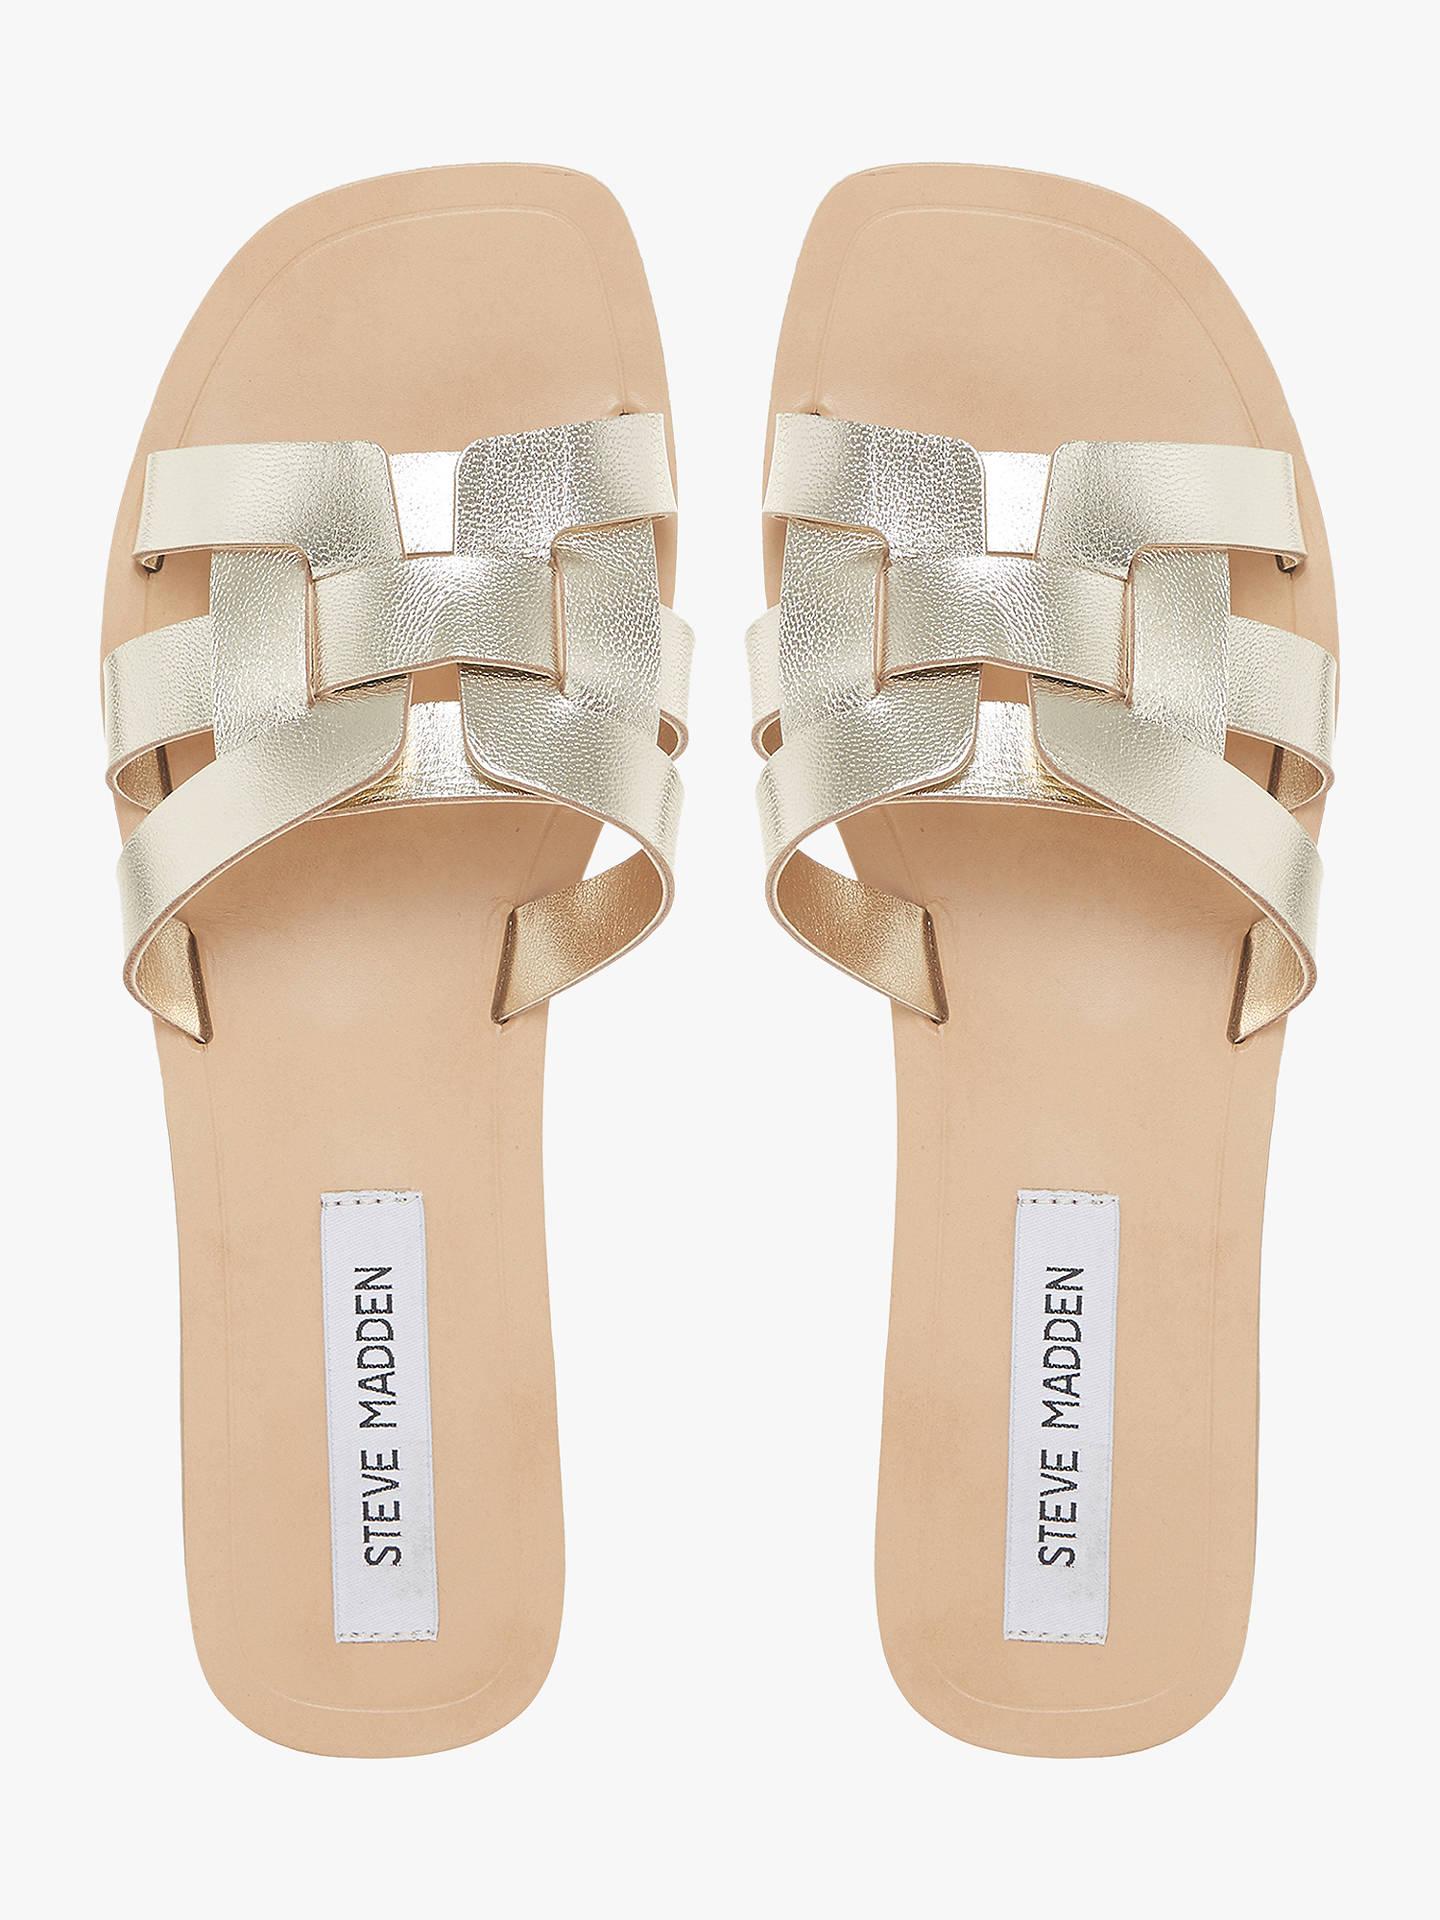 8509c3e16e2 Steve Madden Sicily Flat Sandals at John Lewis   Partners